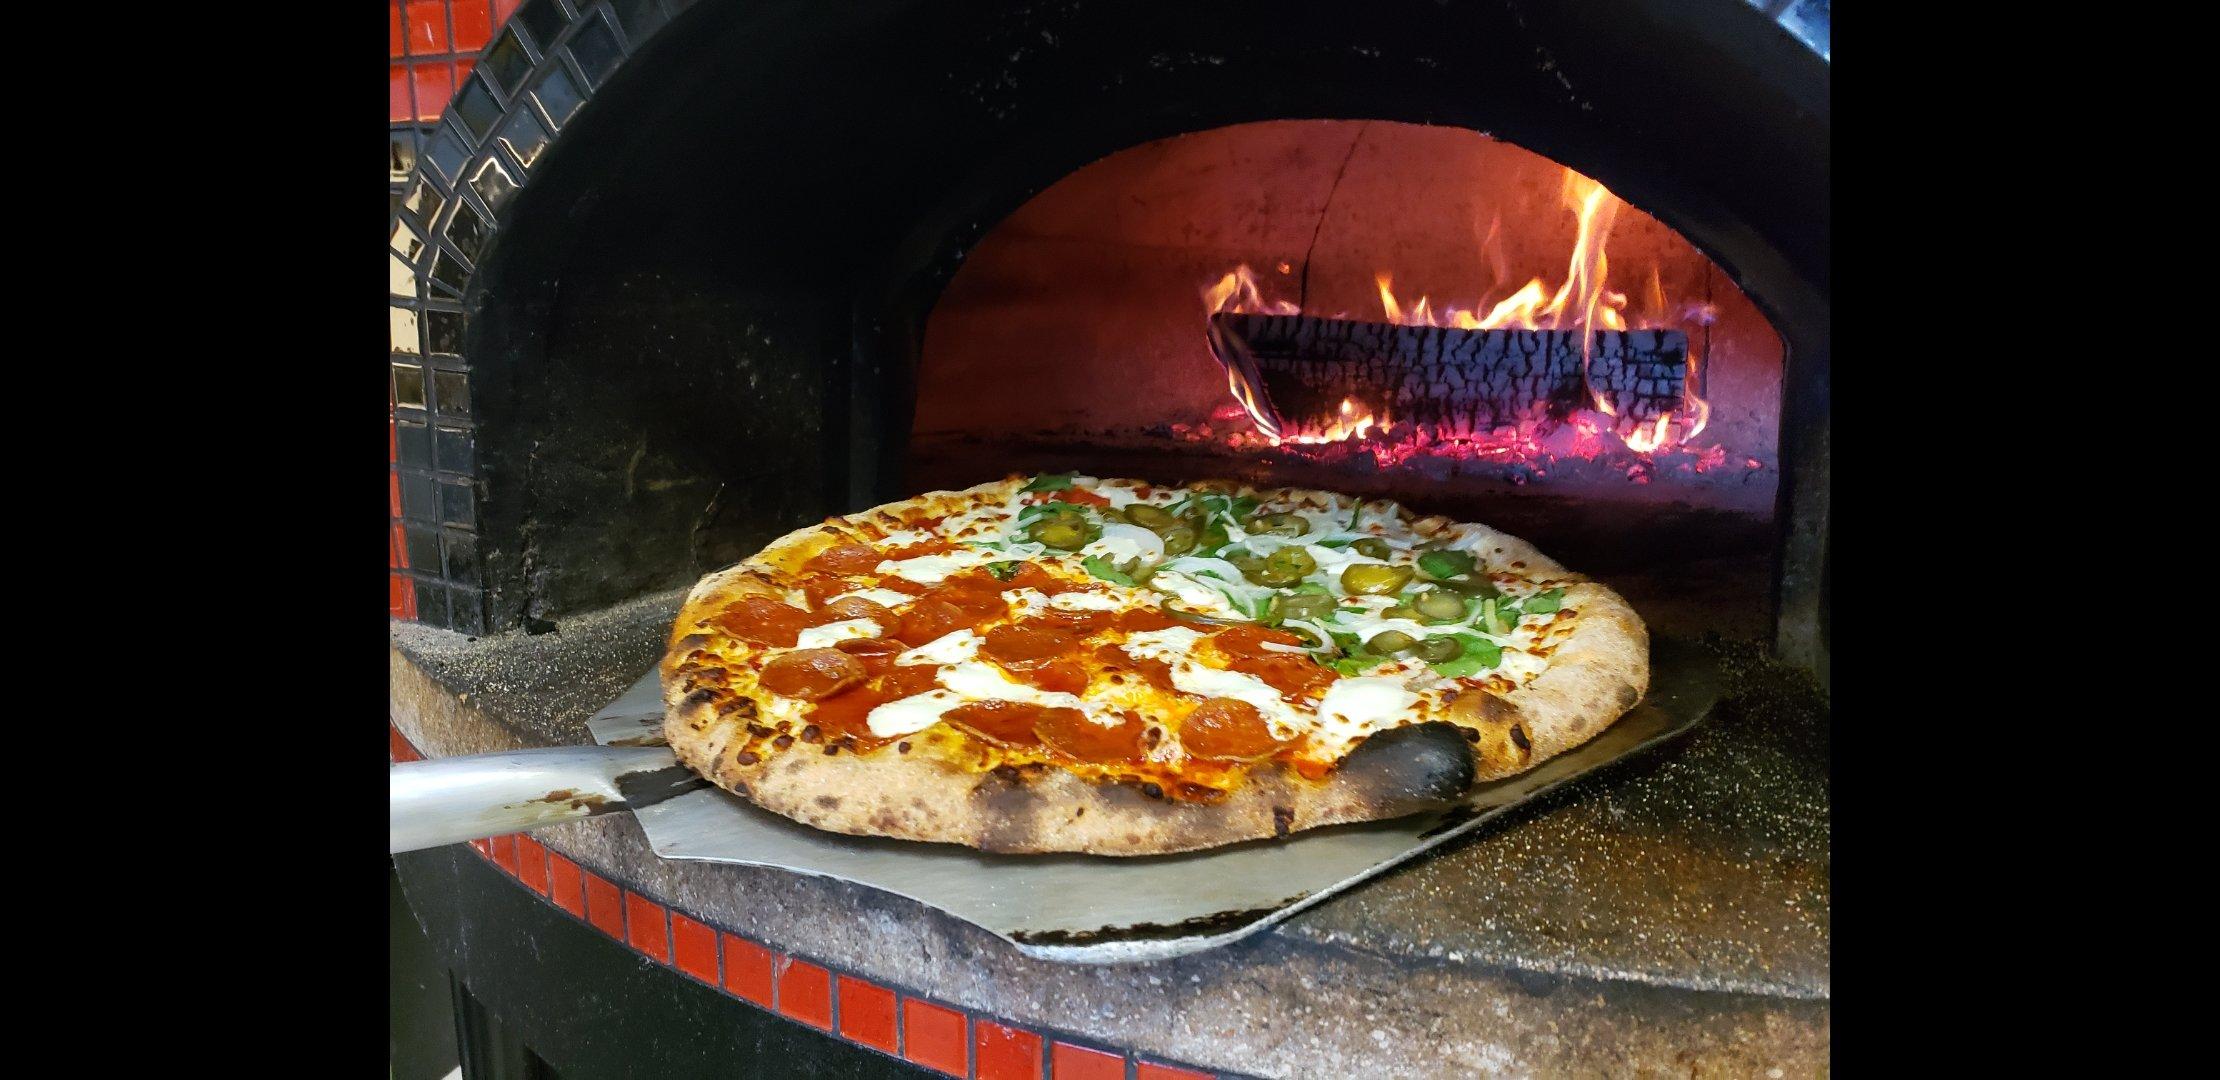 Oak City Pizza 206 Forest Hills Dr, Garner